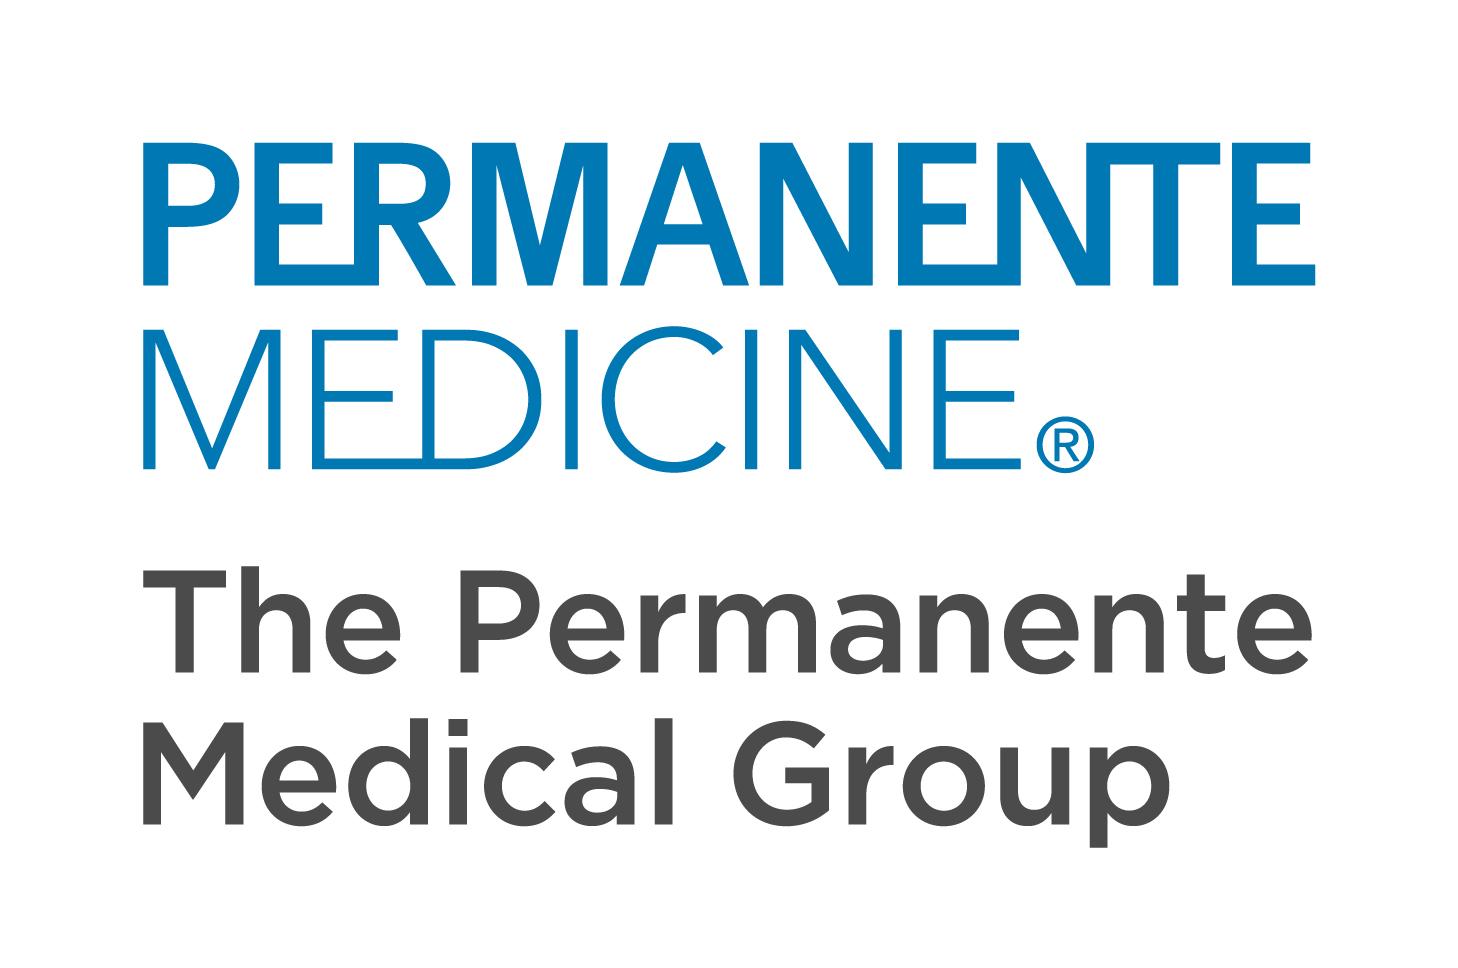 Vascular Surgery Opportunity- Sacramento, CA - Kaiser Permanente Sacramento Medical Center and Medical Offices